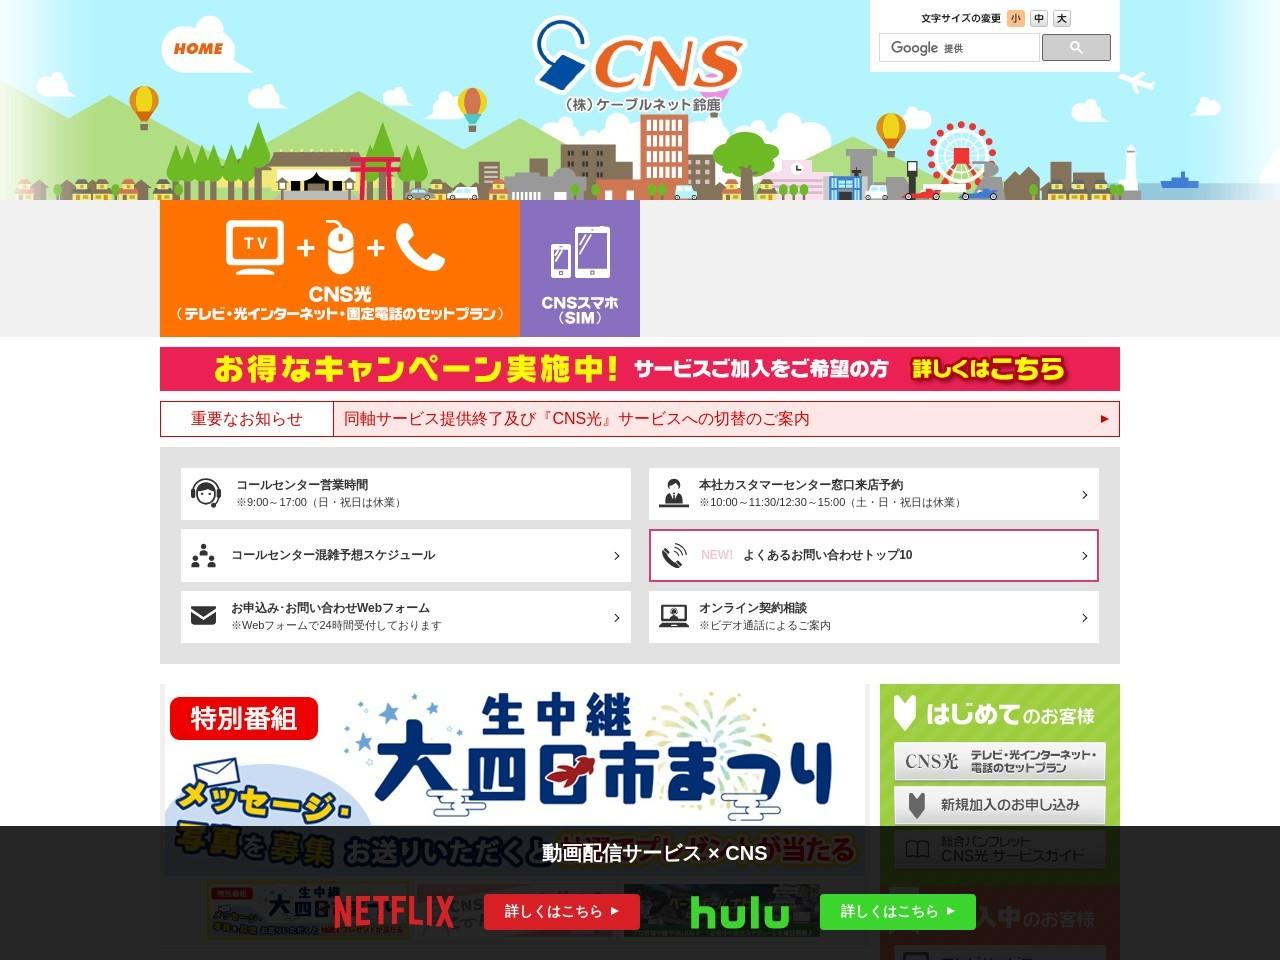 CNS ケーブルテレビ・インターネット・電話 地域密着のケーブルネット鈴鹿